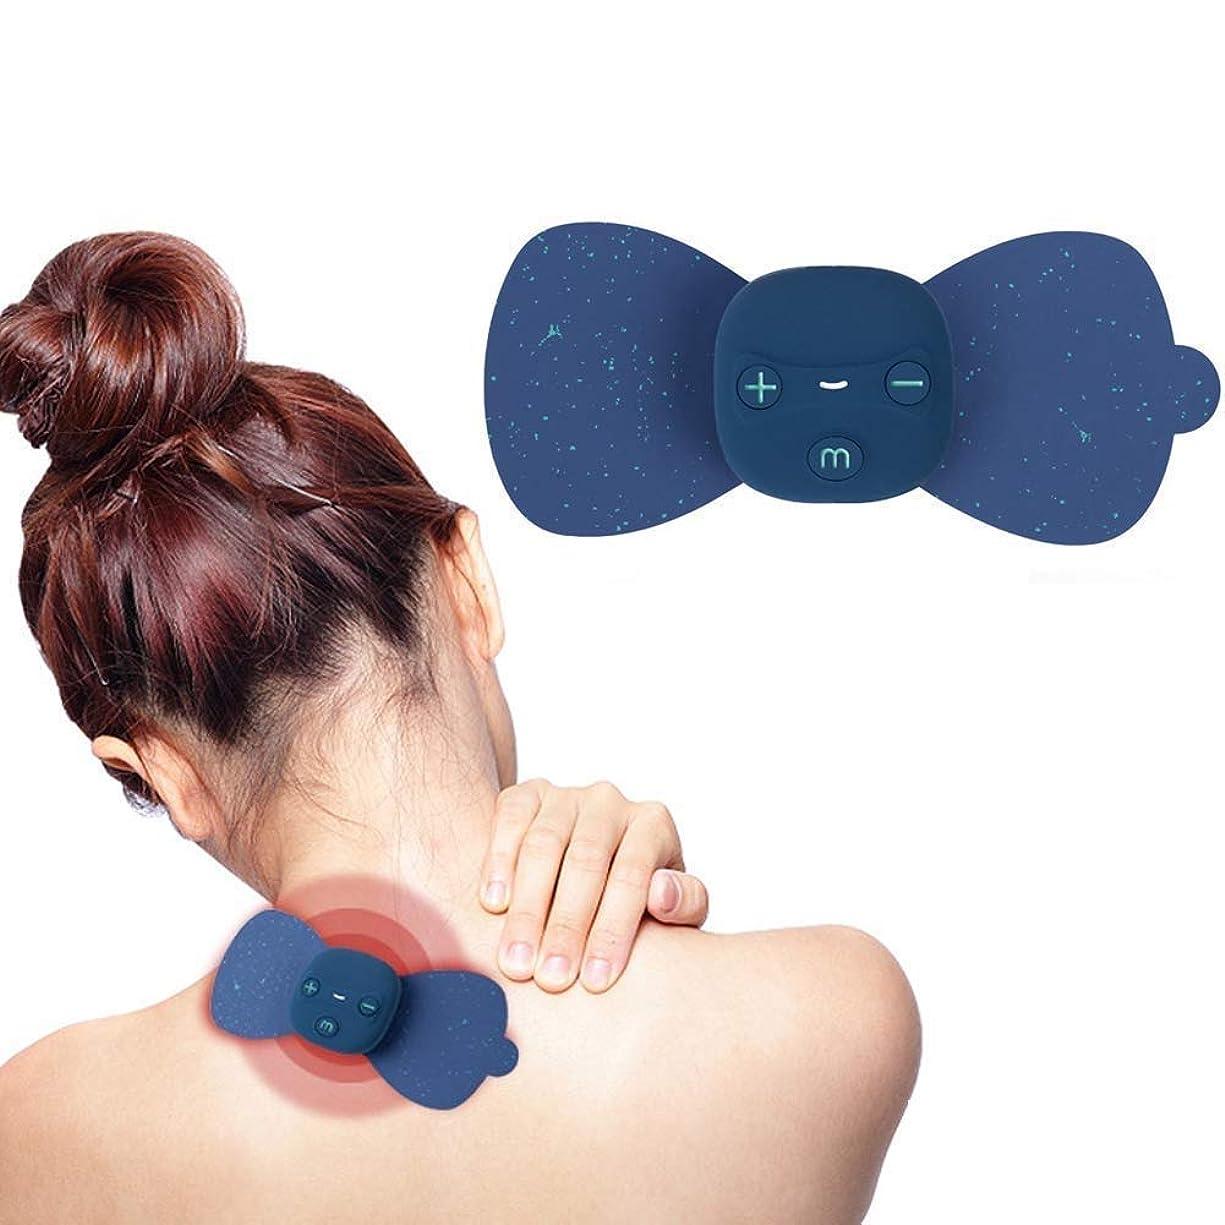 事前に買収ほぼマッサージステッカー EMSマッサージテンマシンセラピーデバイス、ワイヤレステンユニット - 電極パッドデバイス - 電気刺激マシン - EMS痛み緩和療法神経刺激用筋肉